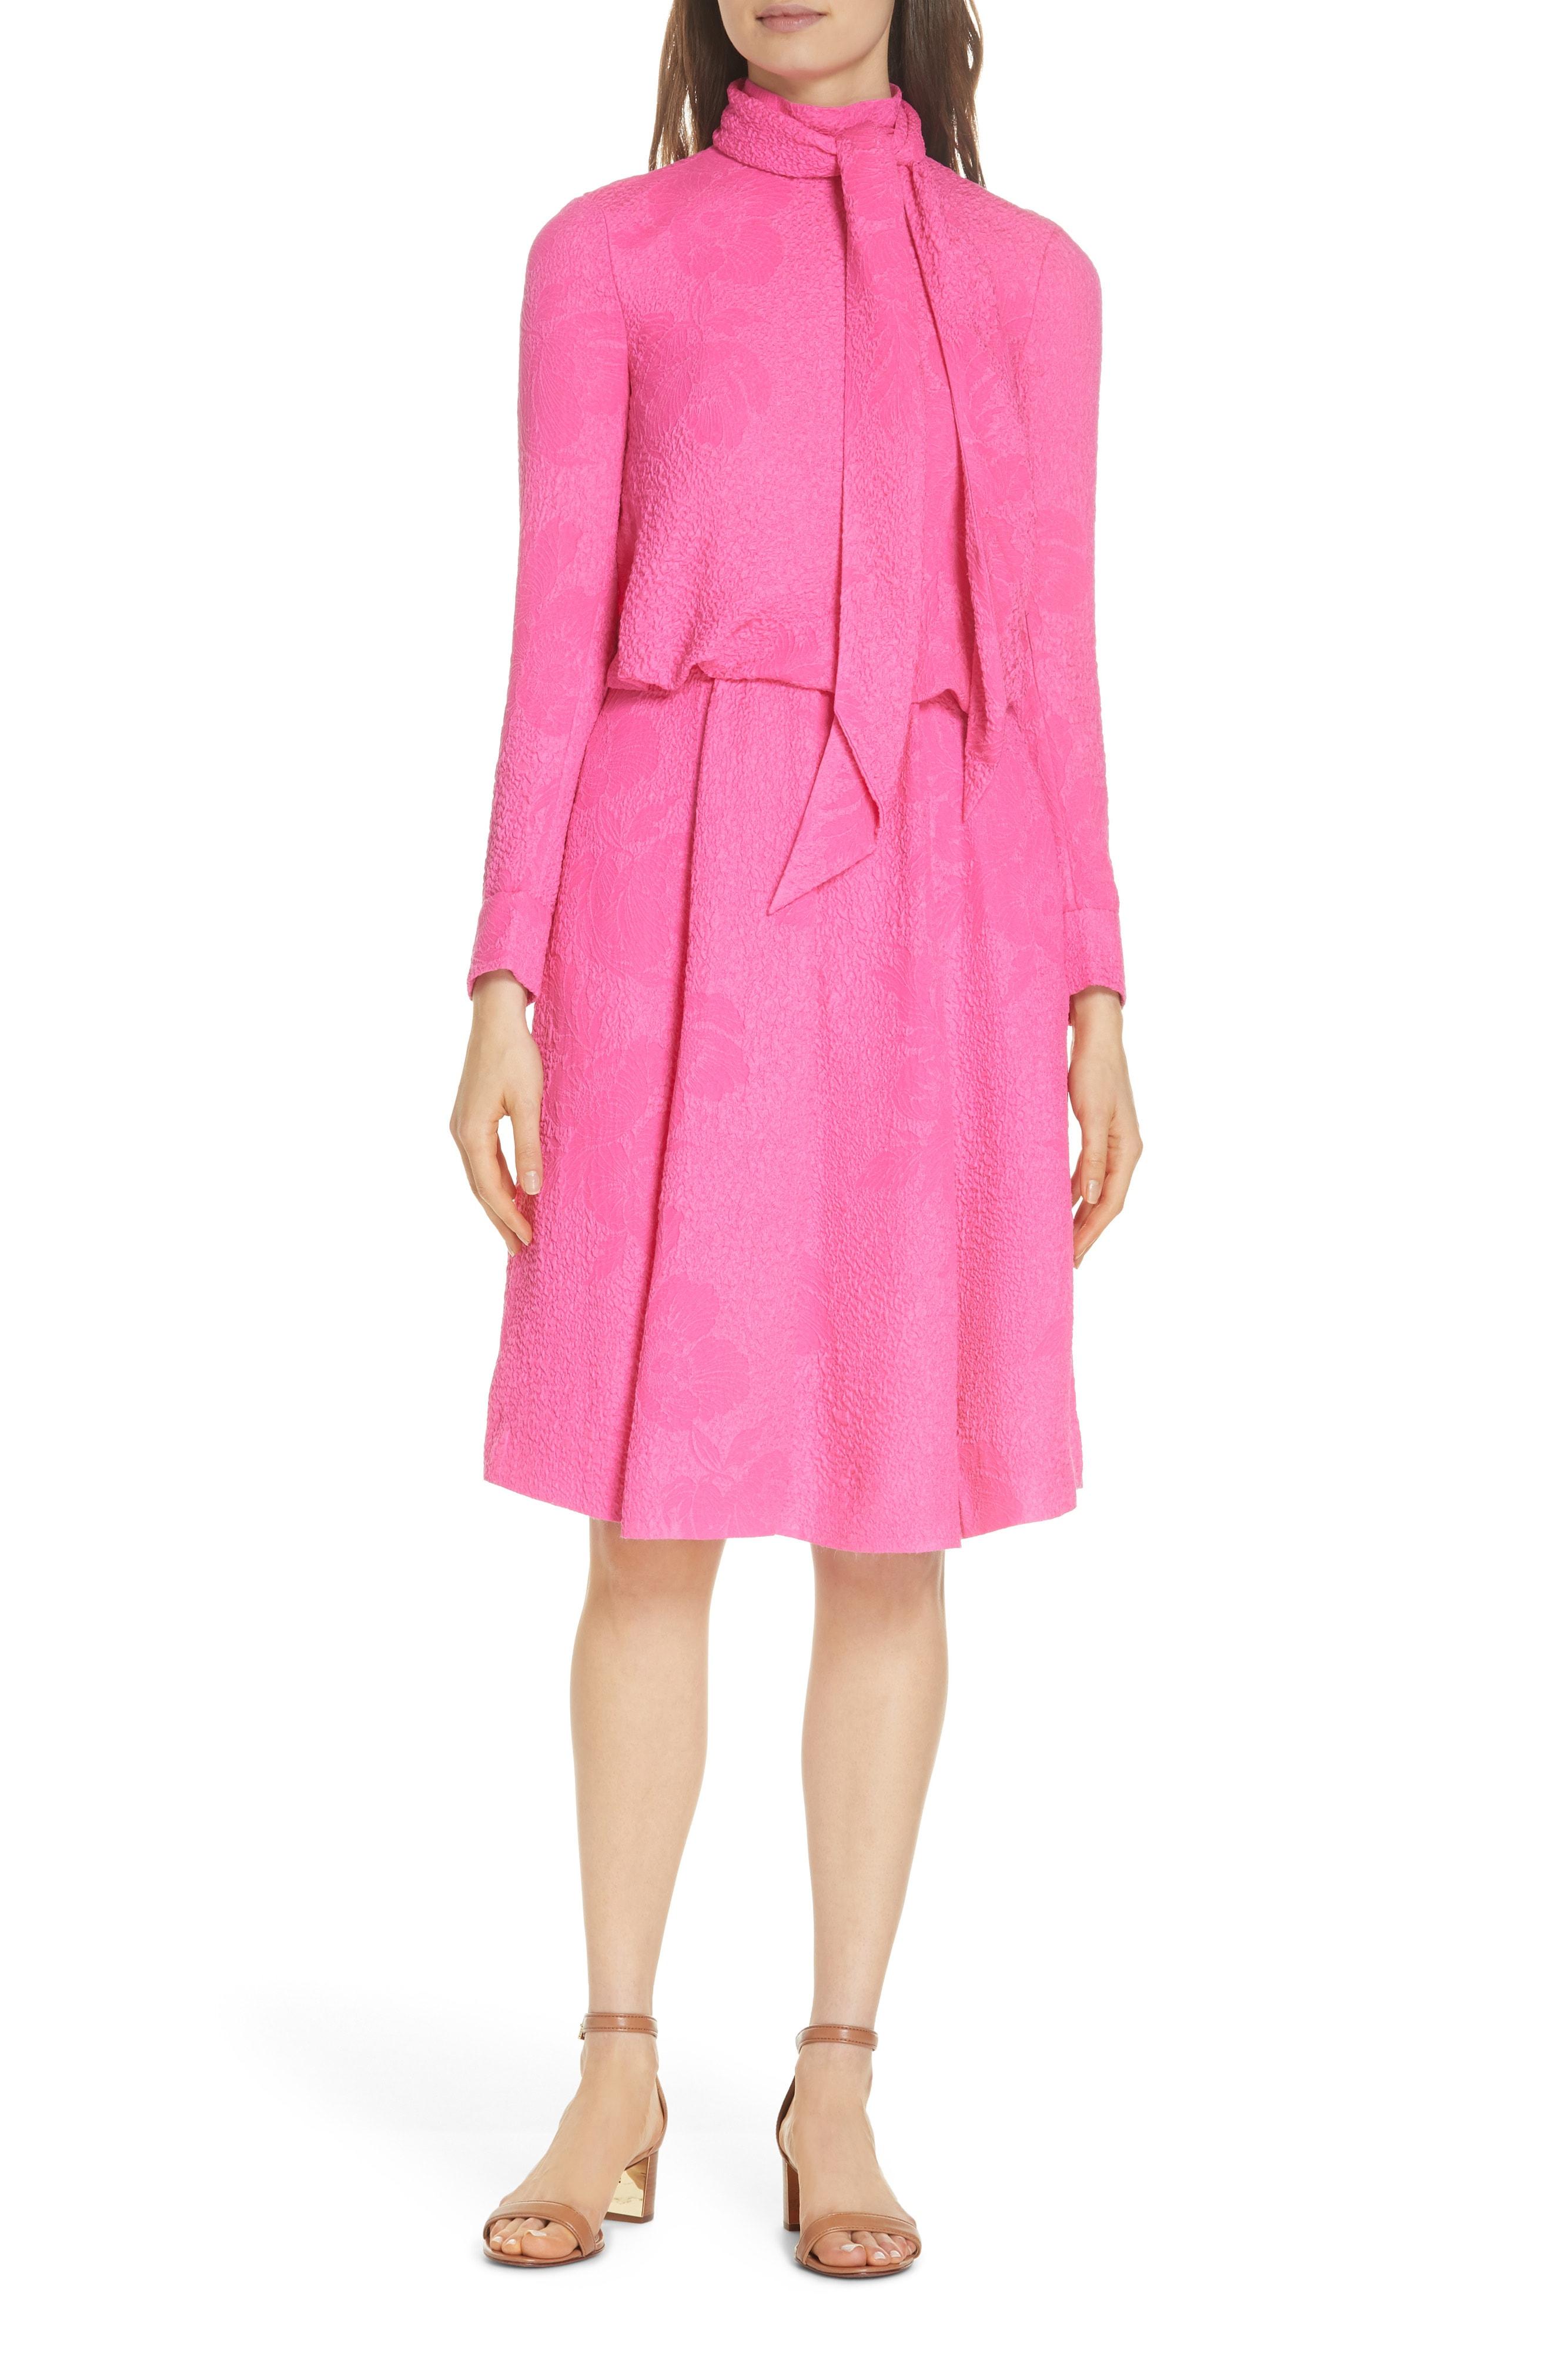 Tory Burch Brielle Textured Silk Dress